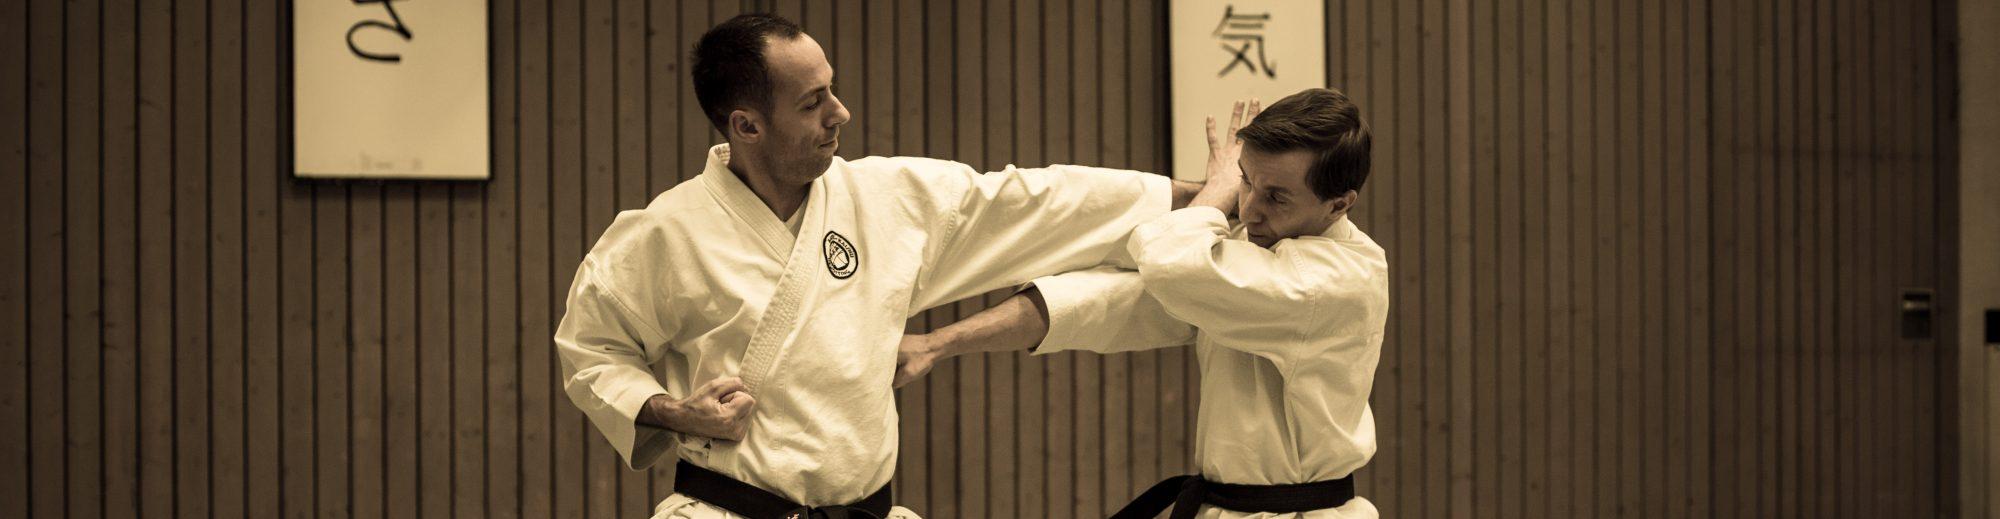 Katsu-Kaishu  Karate Dojo Neuötting e.V.